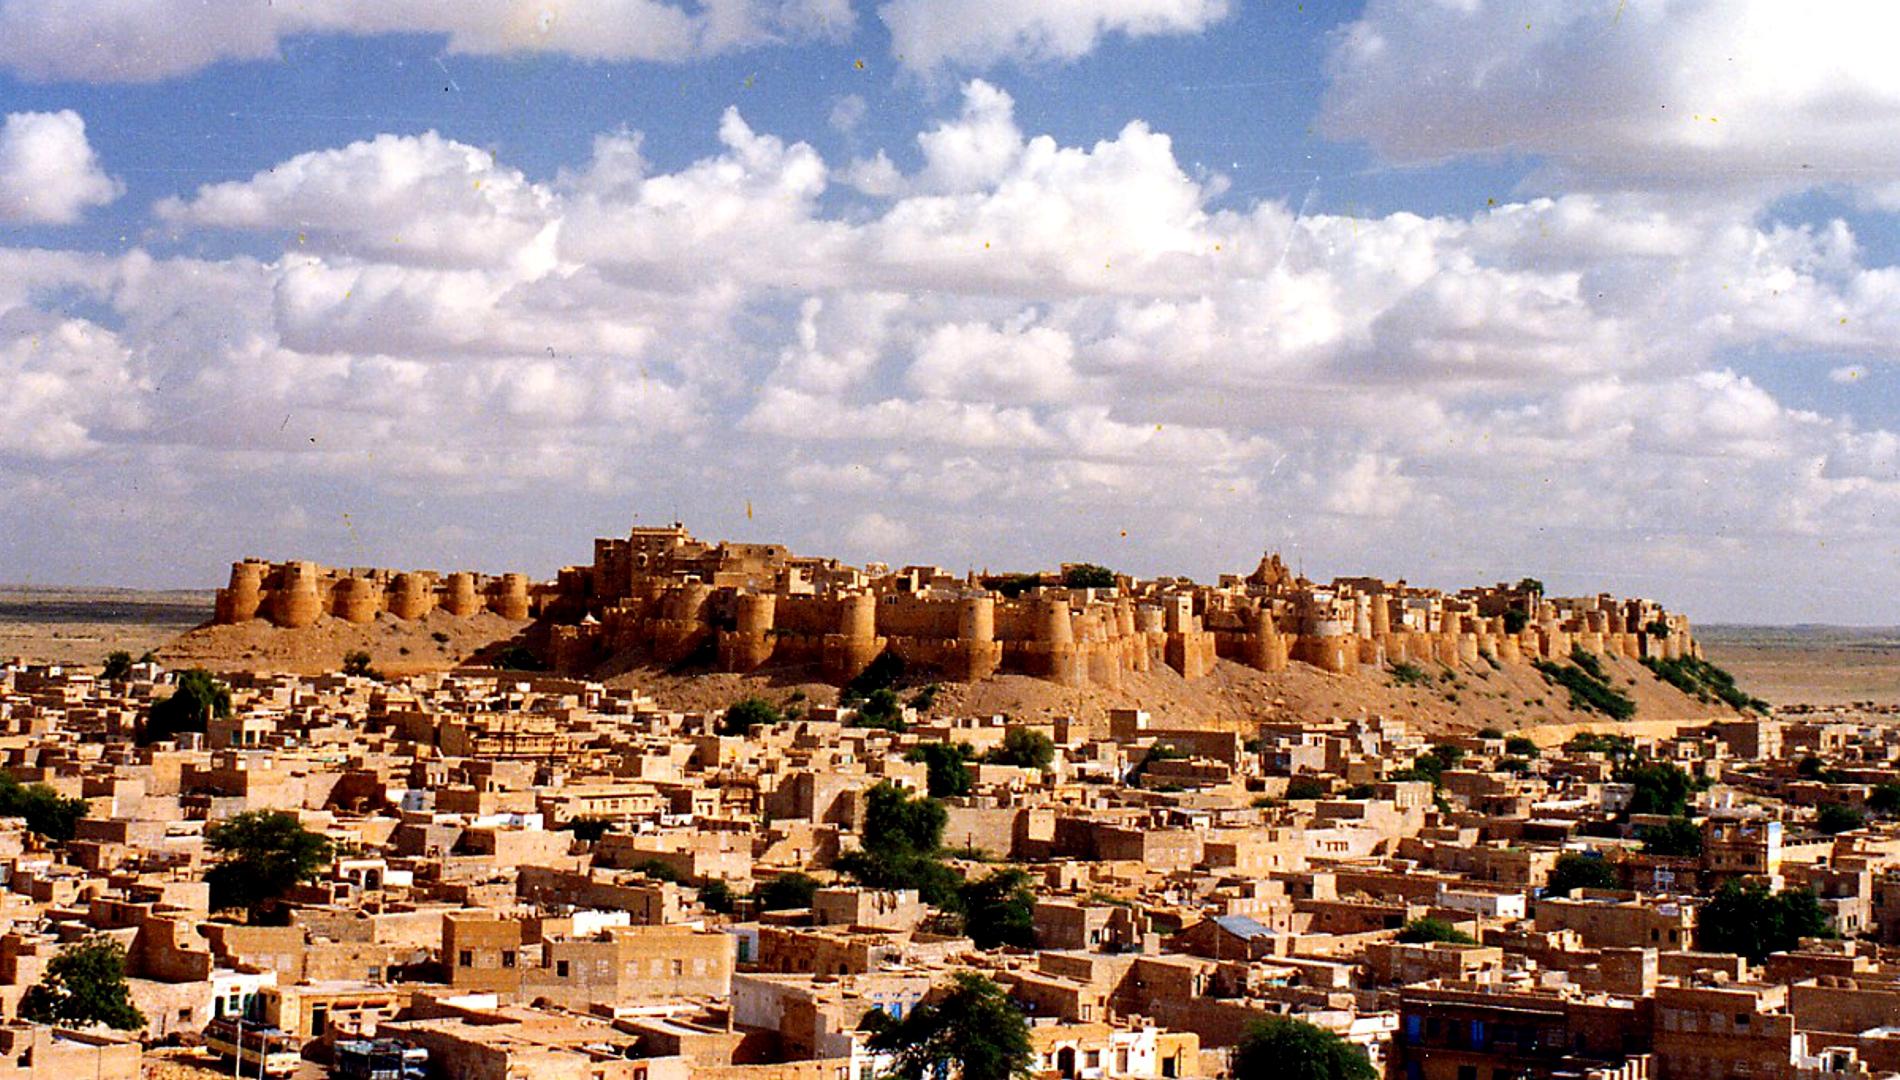 VP - Rajasthan - Jaisalmer 1920 x 1080